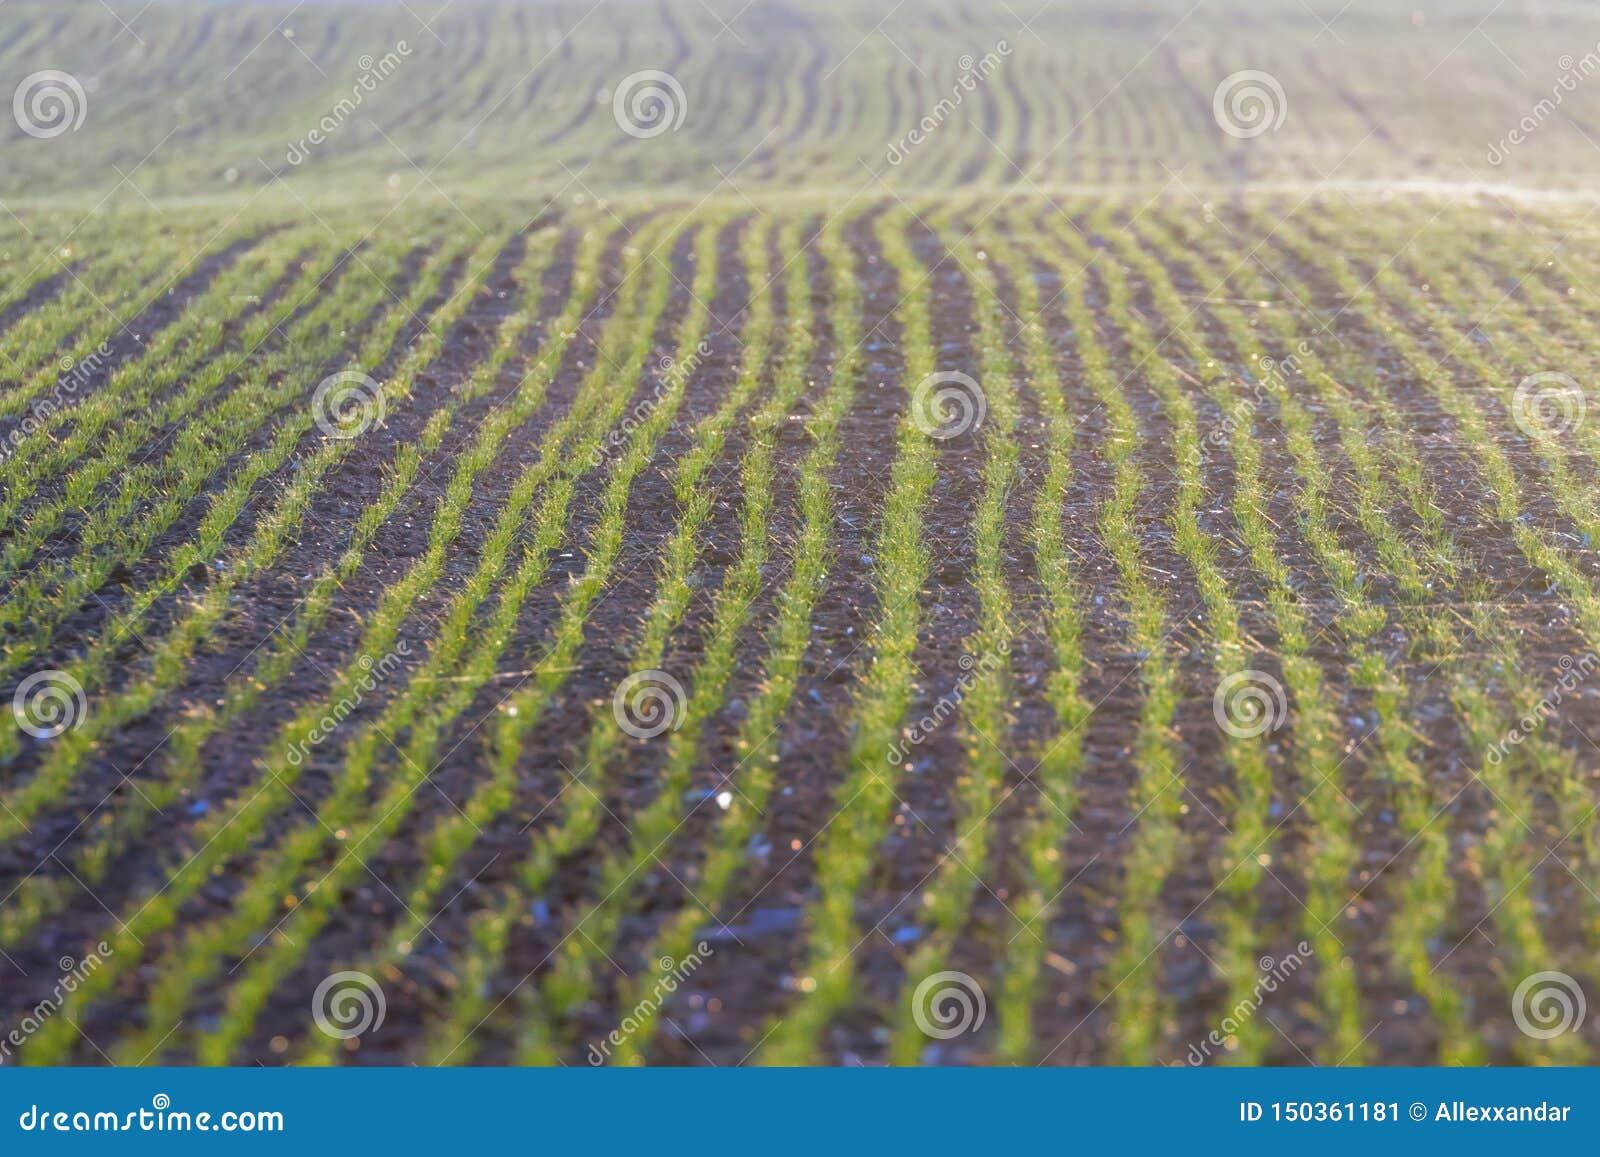 De groene gebieden met jonge spruiten bij zonsopgangspinneweb op een groene tarwe, springen landbouwzonsopgang op